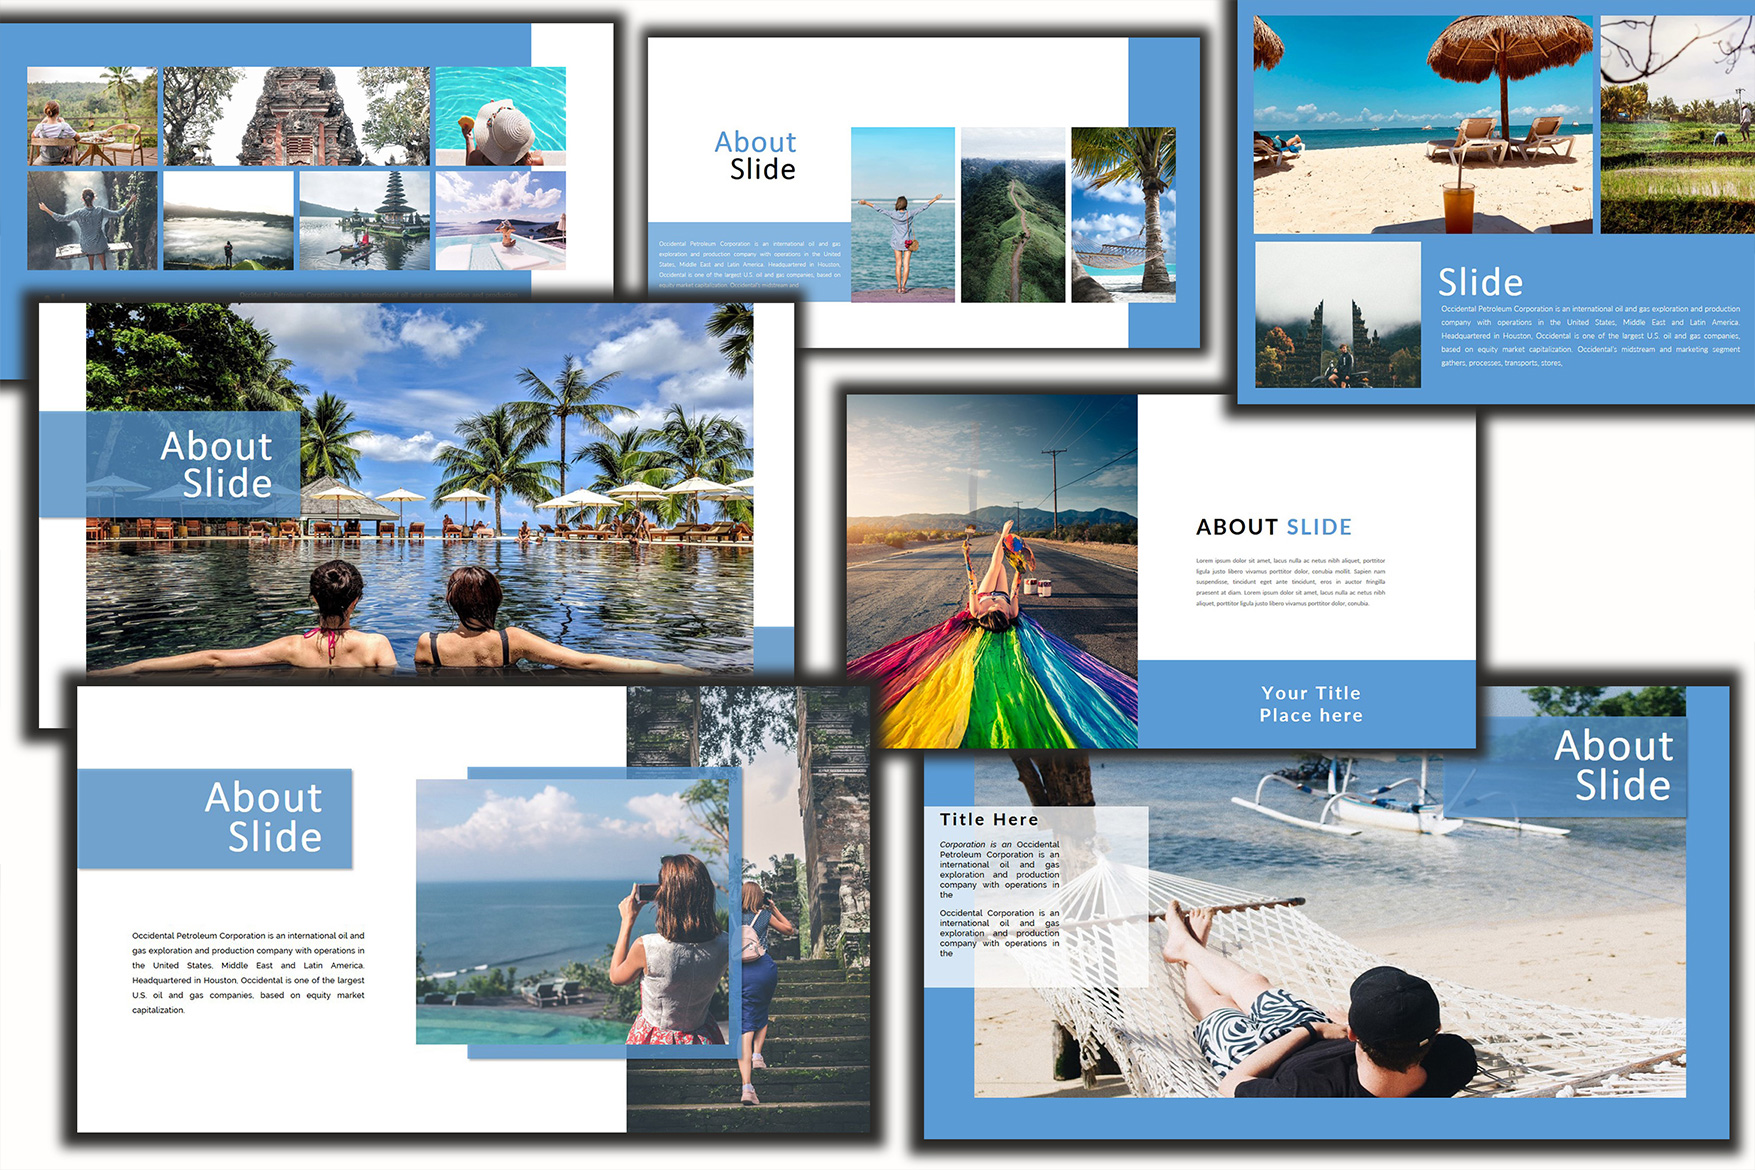 Holiday - Google Slides Presentation example image 3